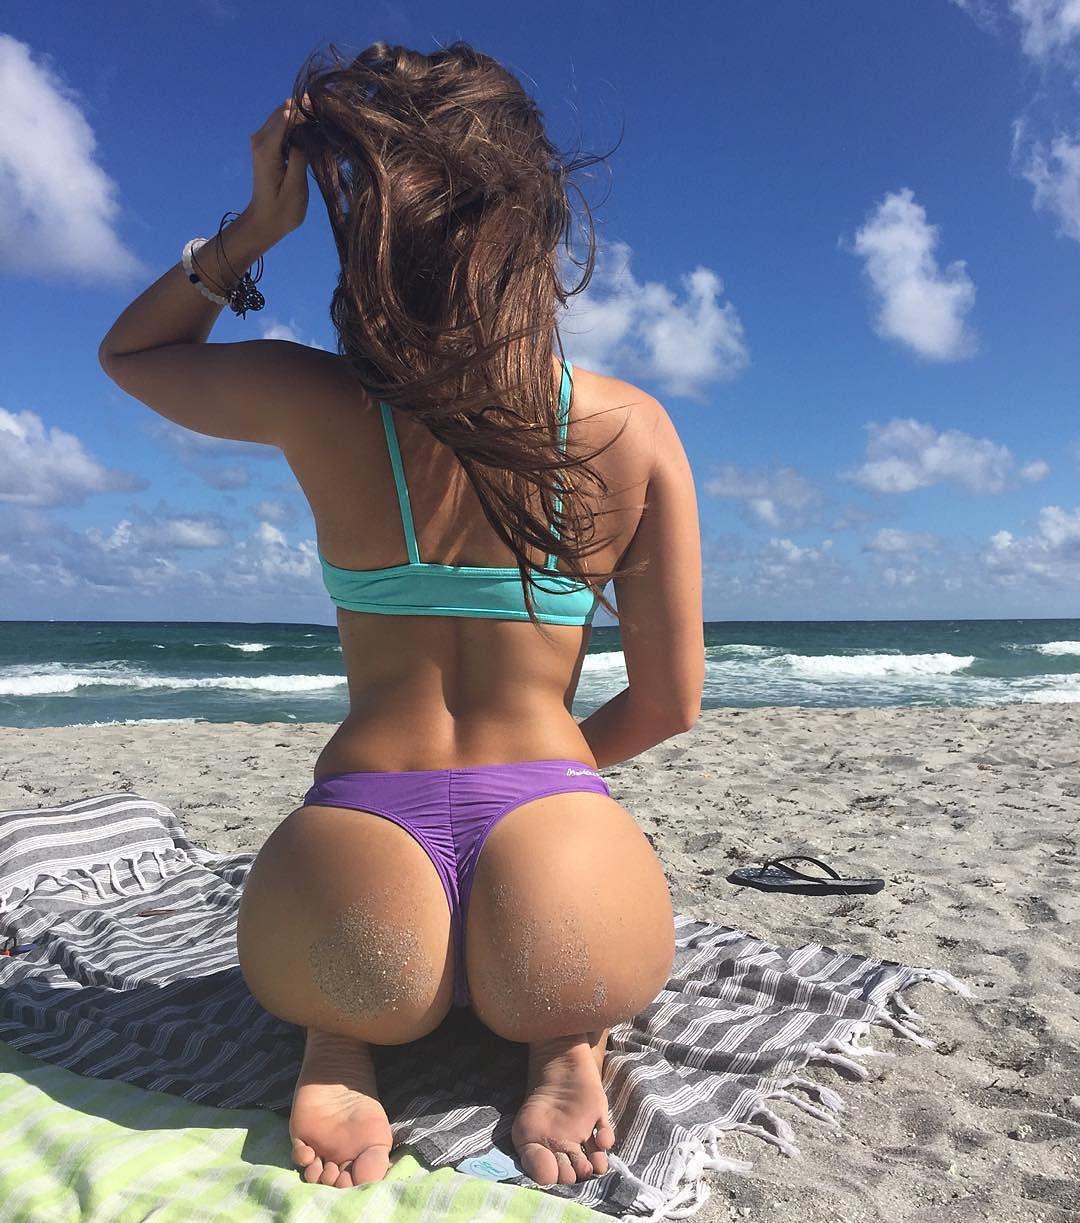 Instagram Lauren Ashley nudes (79 photos), Ass, Leaked, Instagram, panties 2018